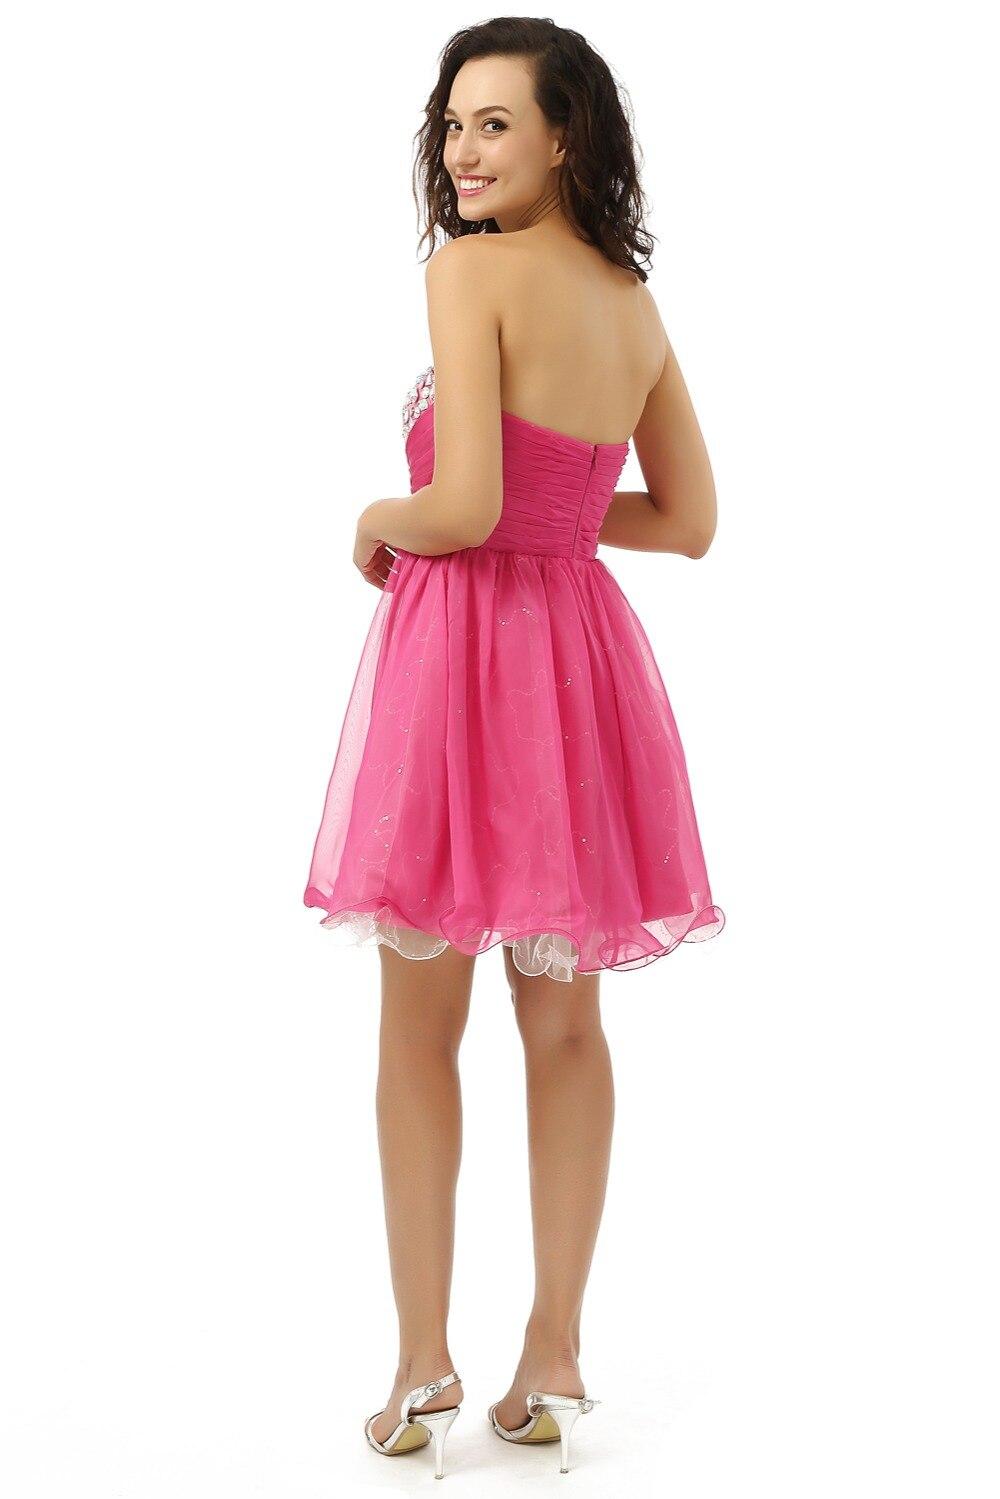 Excepcional Vestidos De Fiesta Erie Pa Modelo - Colección de ...